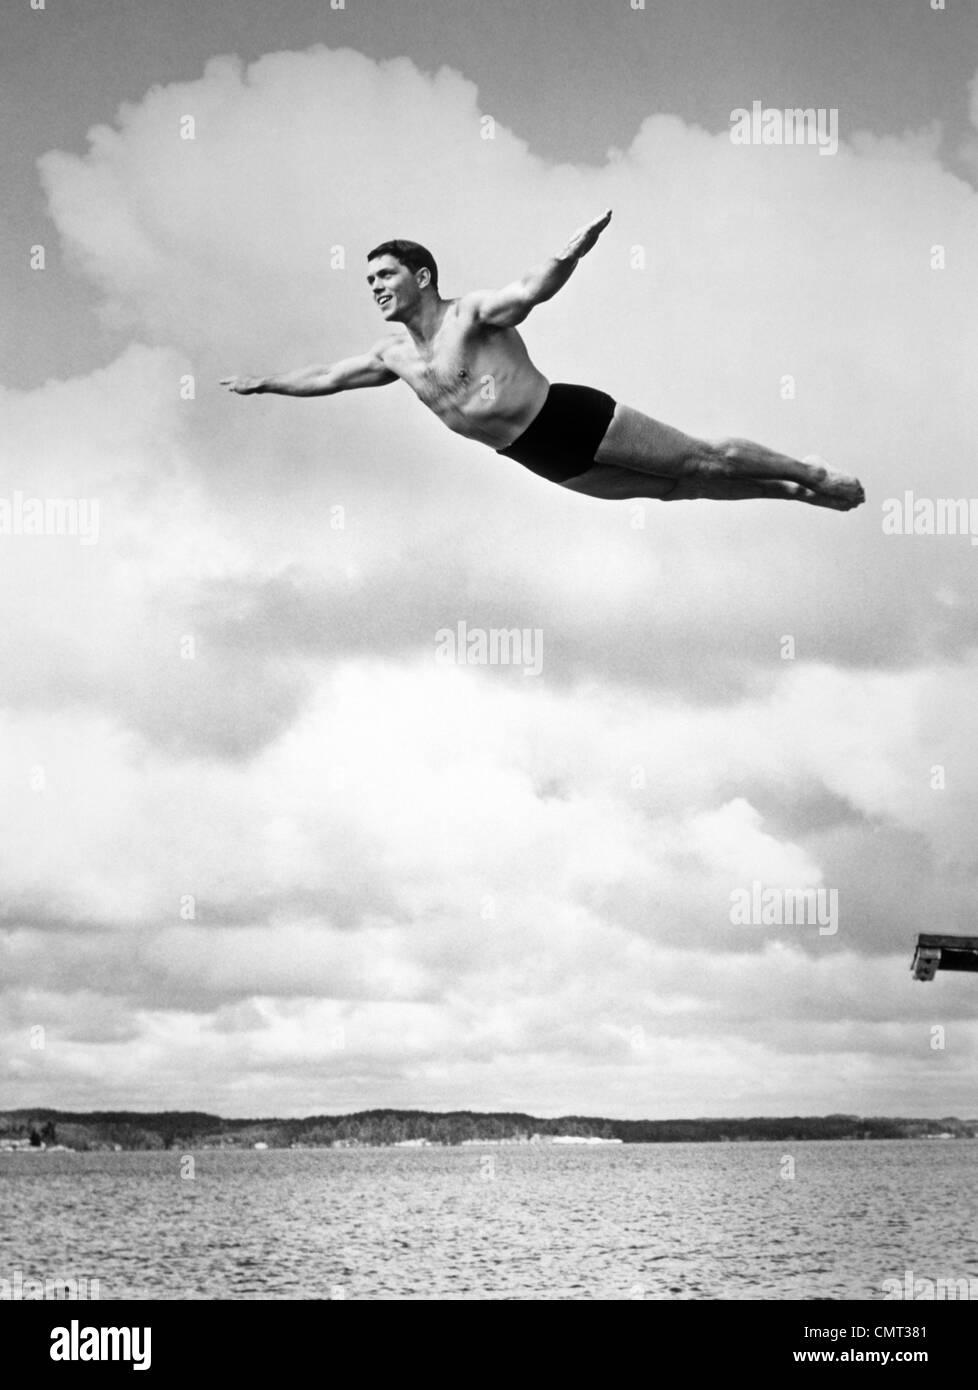 1930s uomo SWAN DIVING DA ALTO TRAMPOLINO PER ESTERNO Immagini Stock